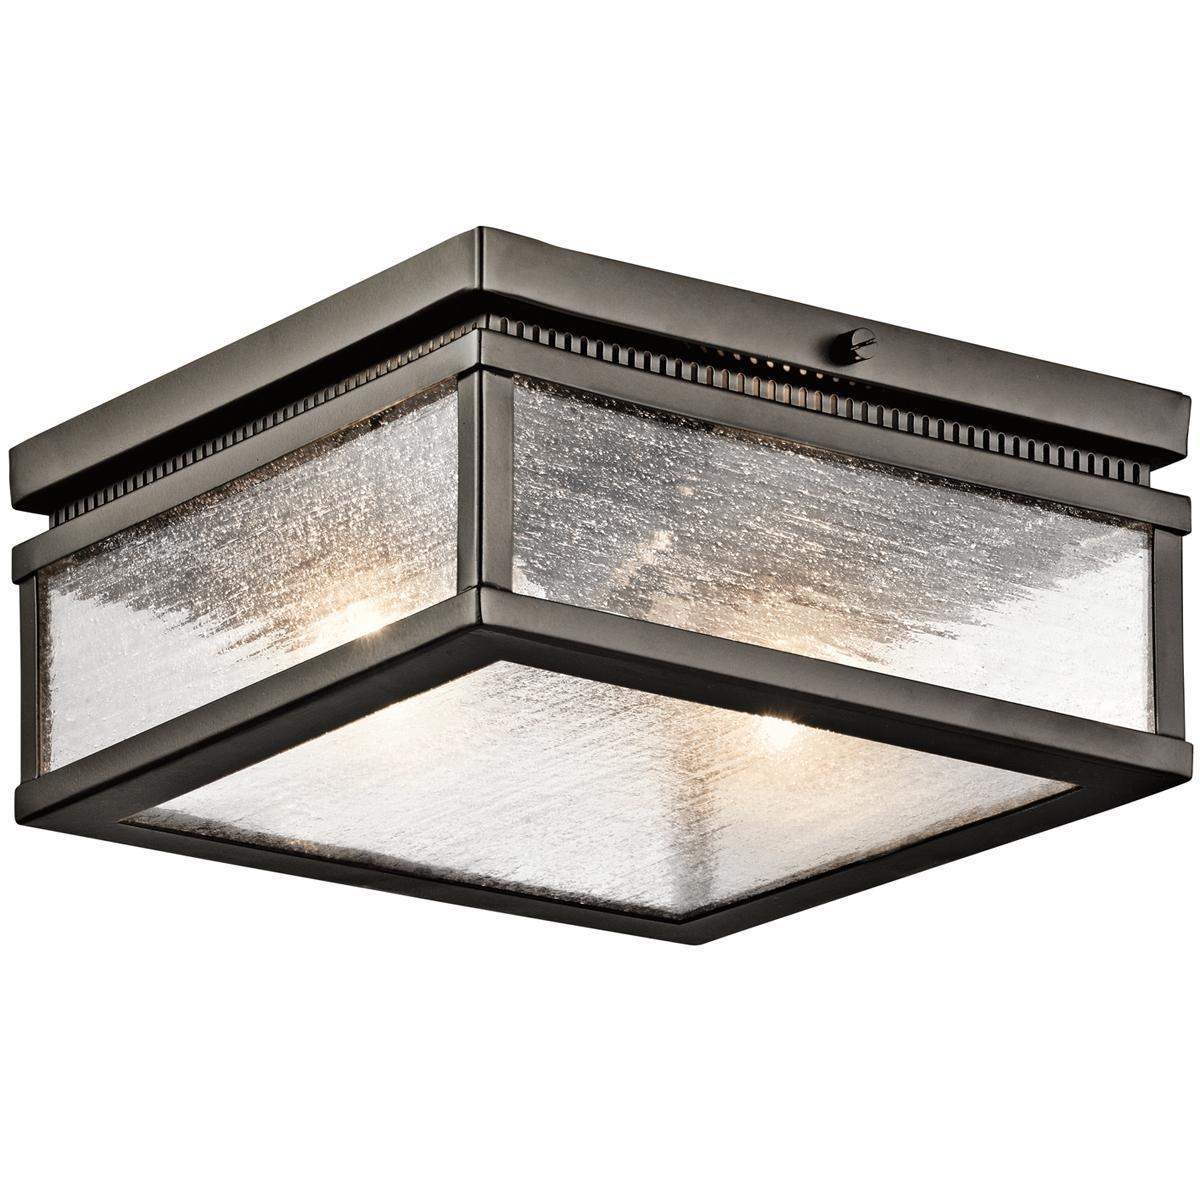 Heritage Indoor Outdoor Ceiling Light   Outdoor Ceiling Lights For Outdoor Ceiling Lighting Fixtures (#7 of 15)